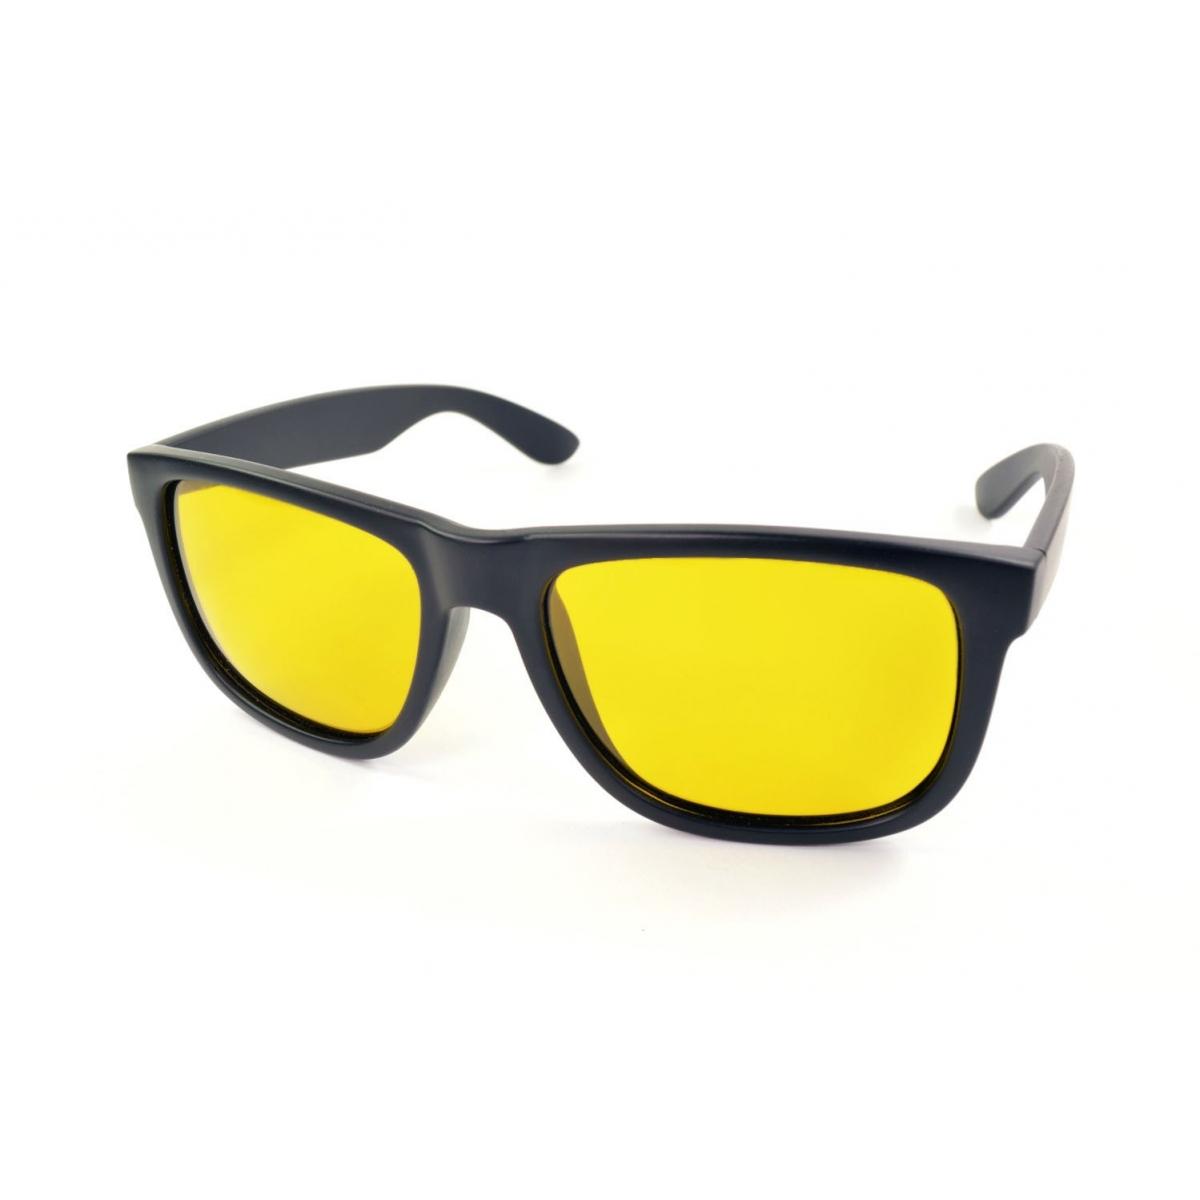 Gafas de conducir polarizadas con lentes amarillas